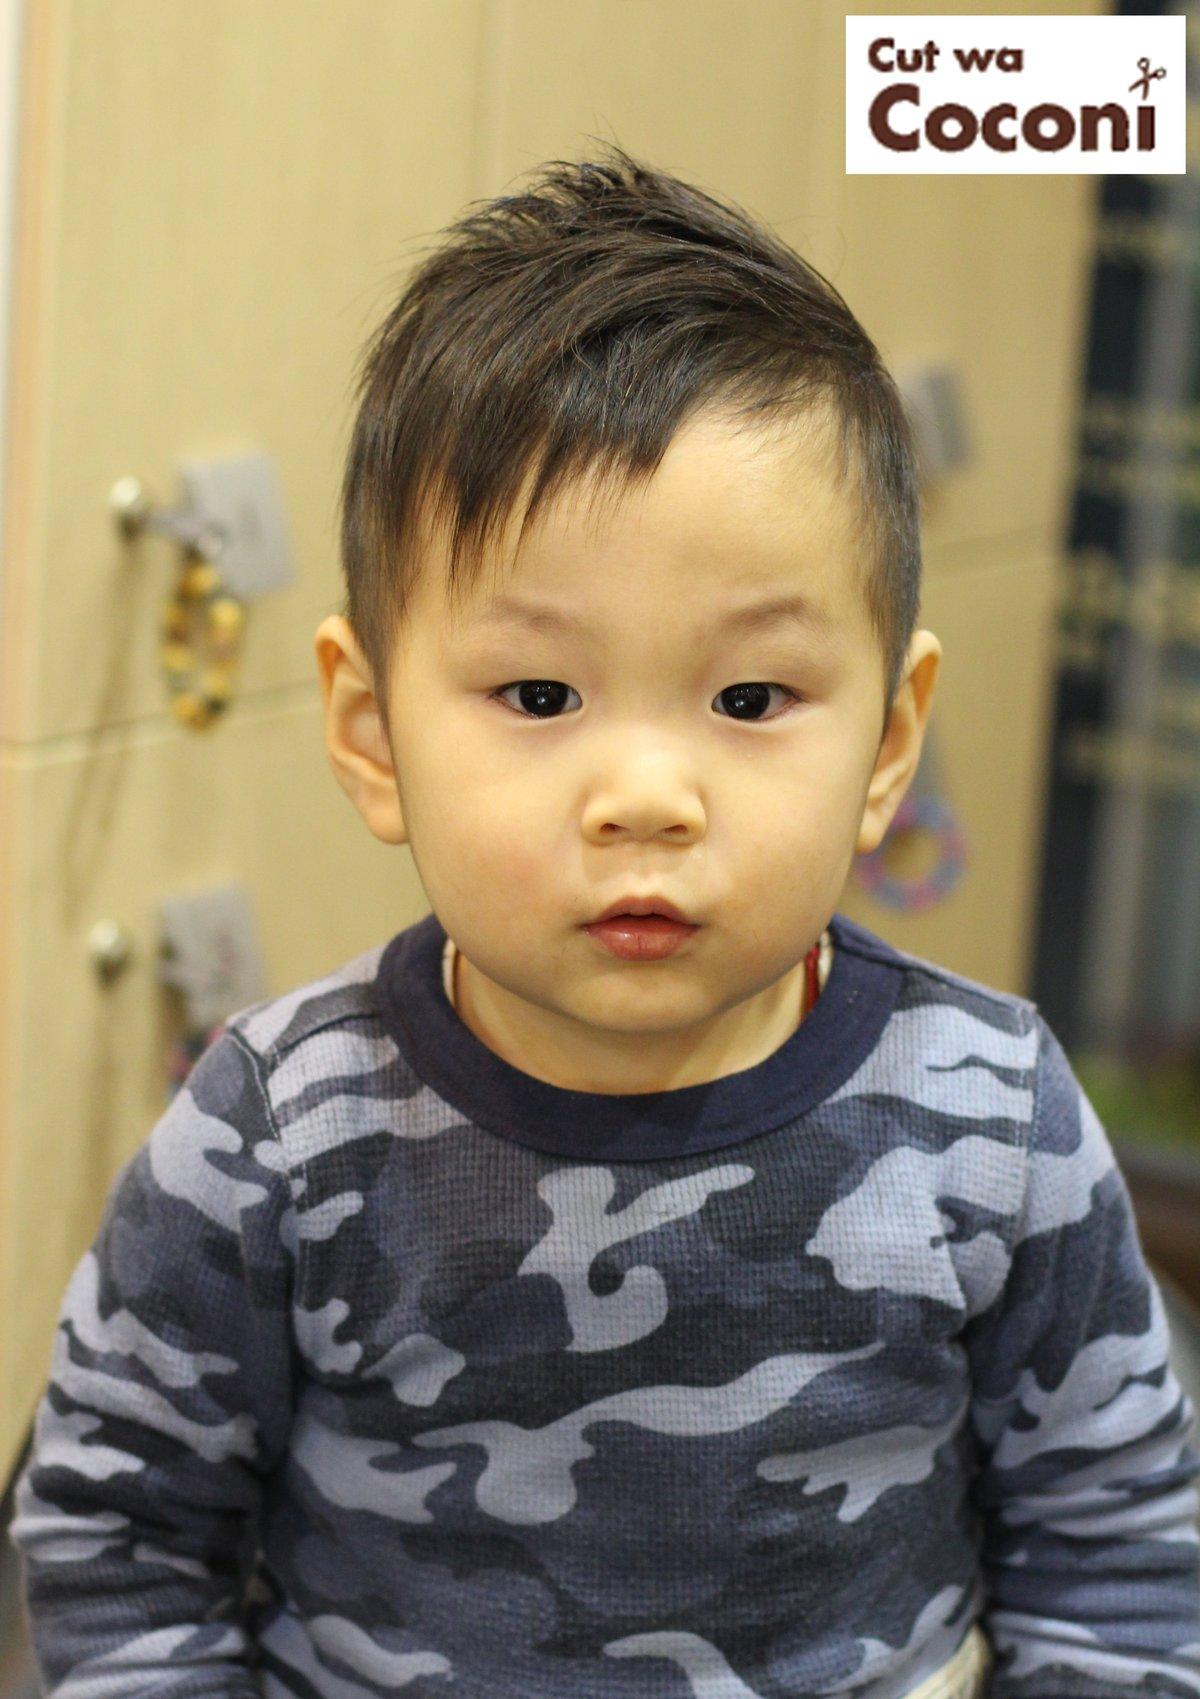 かわいいお子様カット!2歳の男の子、めっちゃかわいいですね~ | 枚方市・樟葉・交野市・長尾の美容室 Cut wa Coconi  (交野市美容室・美容院)のキッズヘアスタイル